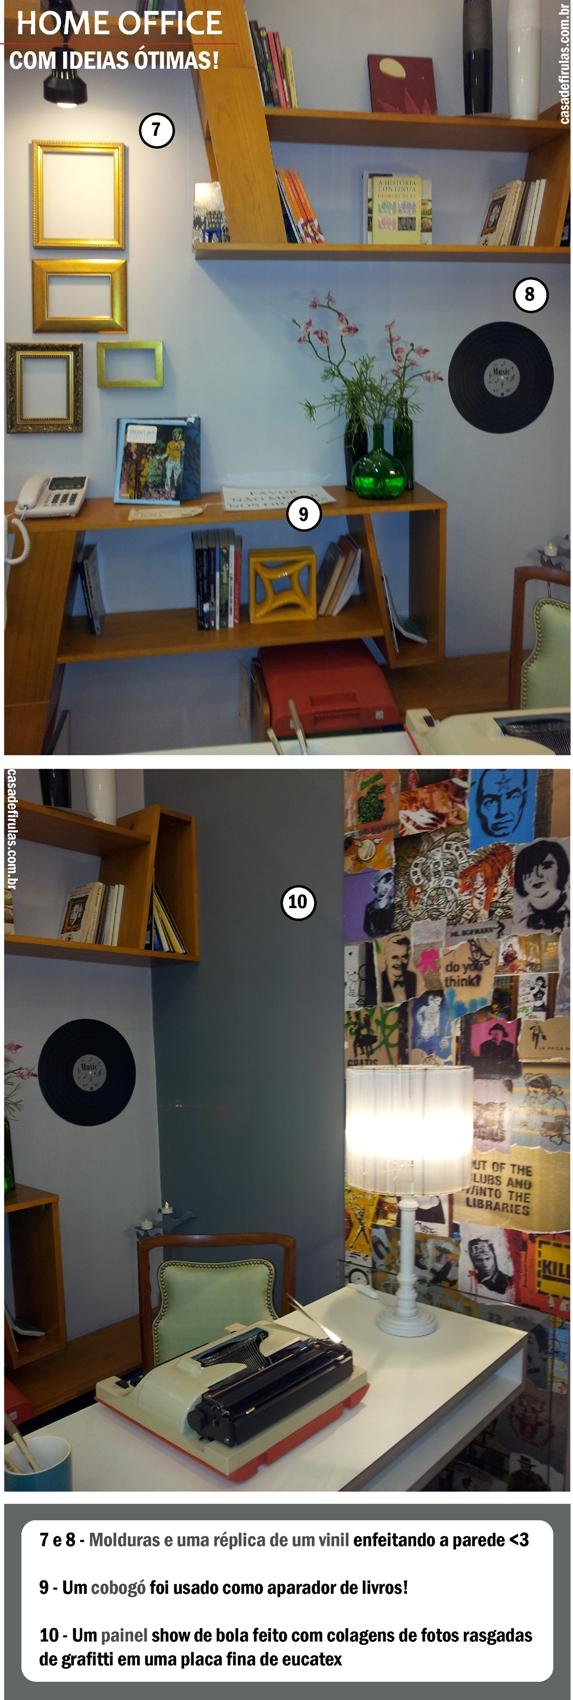 Destaque: aparador de livros cobogó. Vinil na parede. Mural.